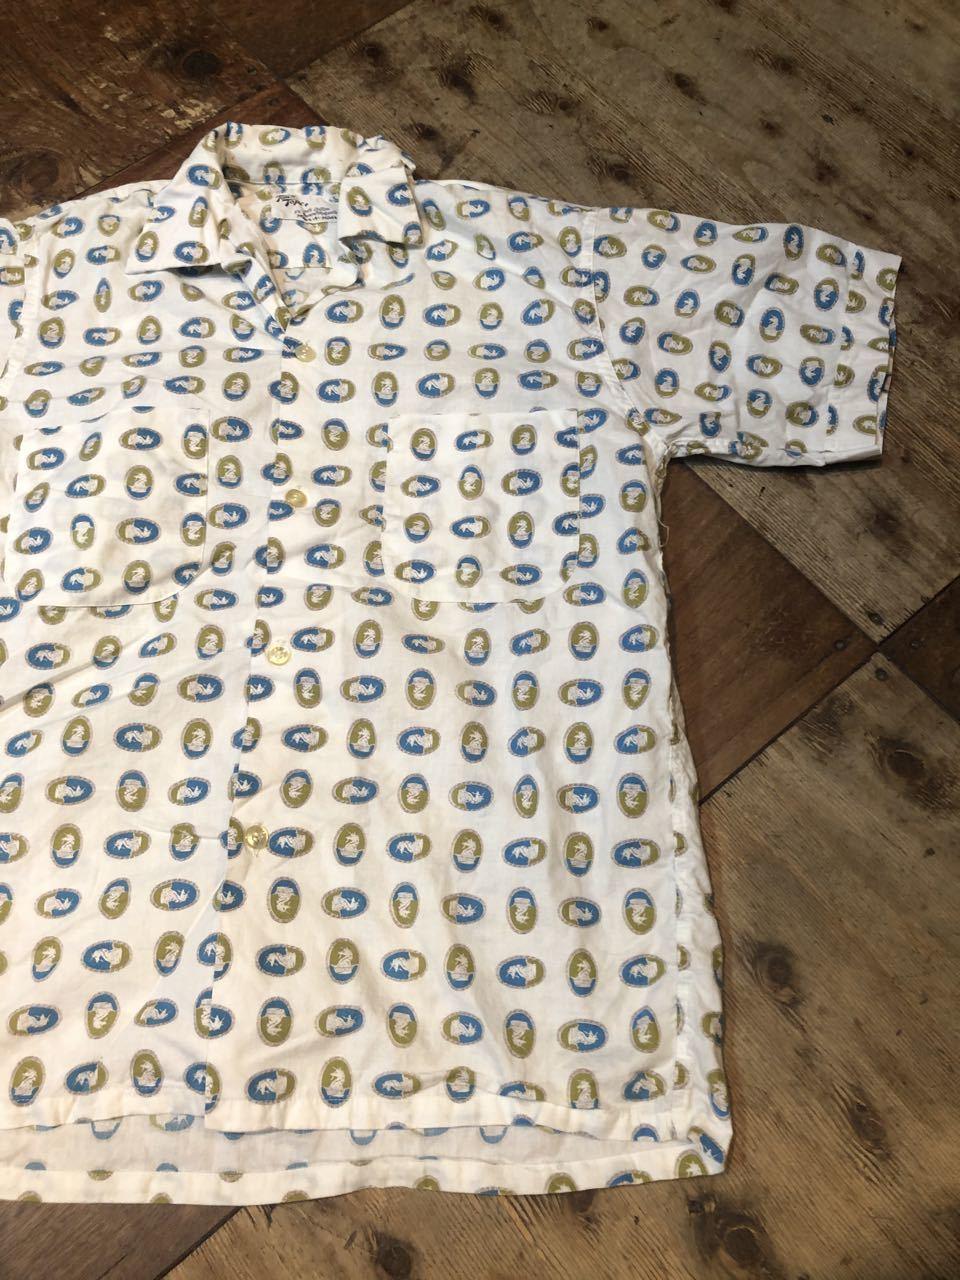 7月23日(木)入荷!50s TOWN TOPIC タウントピック  ボックスシルエット オープンカラーシャツ!_c0144020_16370546.jpg